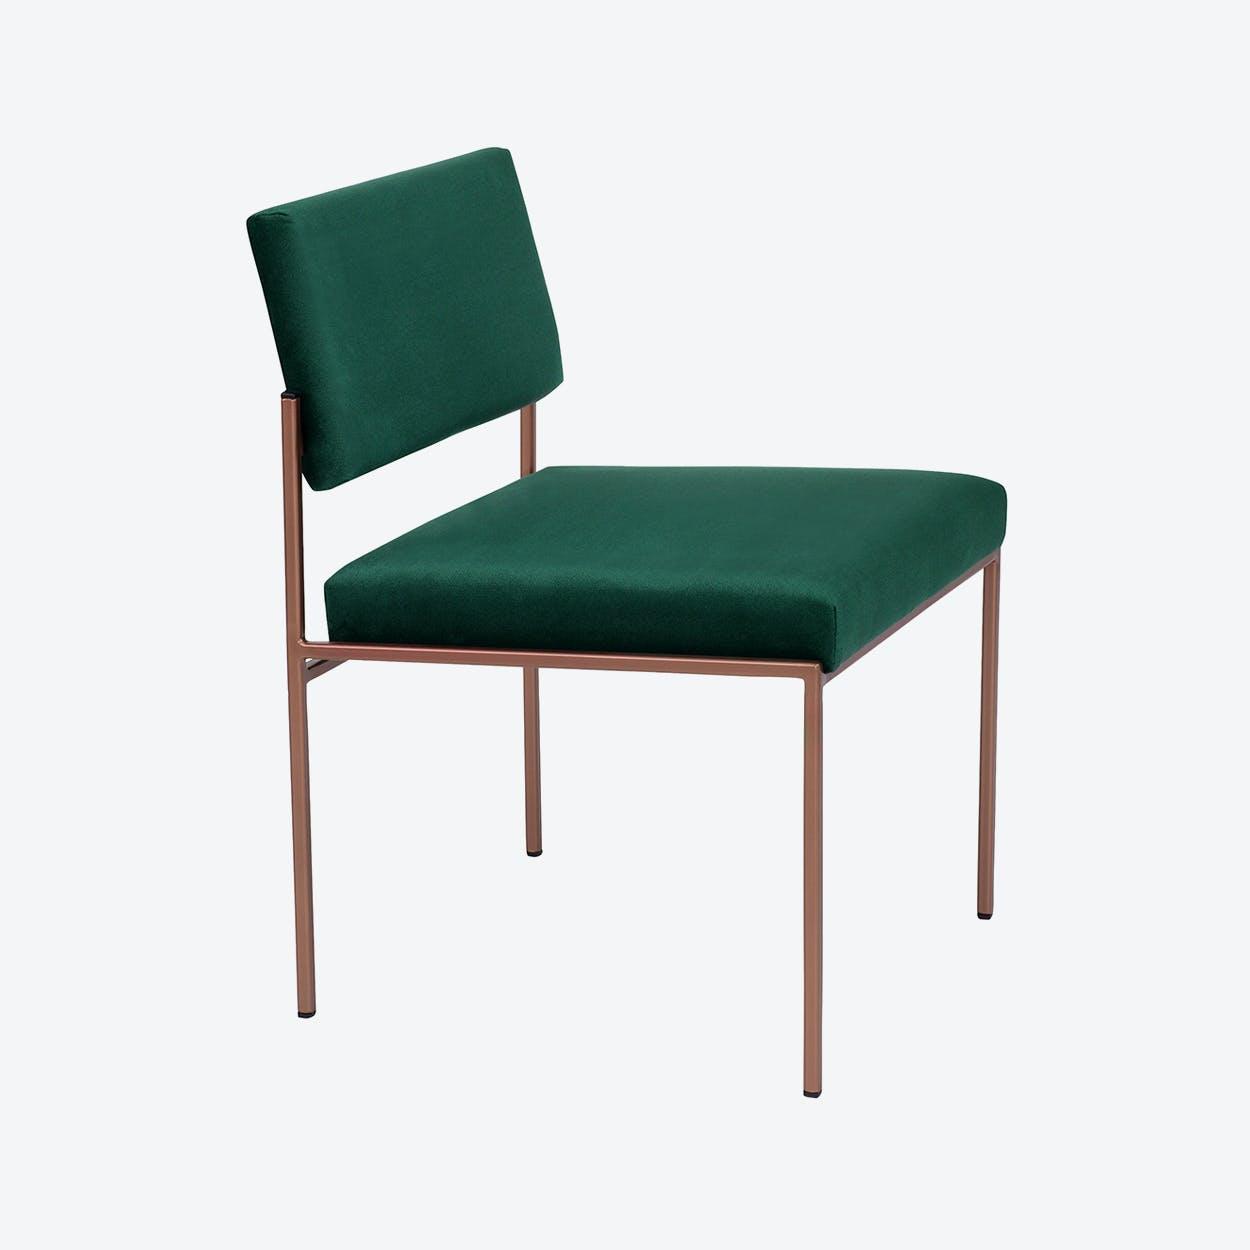 Cube Chair Copper - Velvet-Line in Hunter-Green